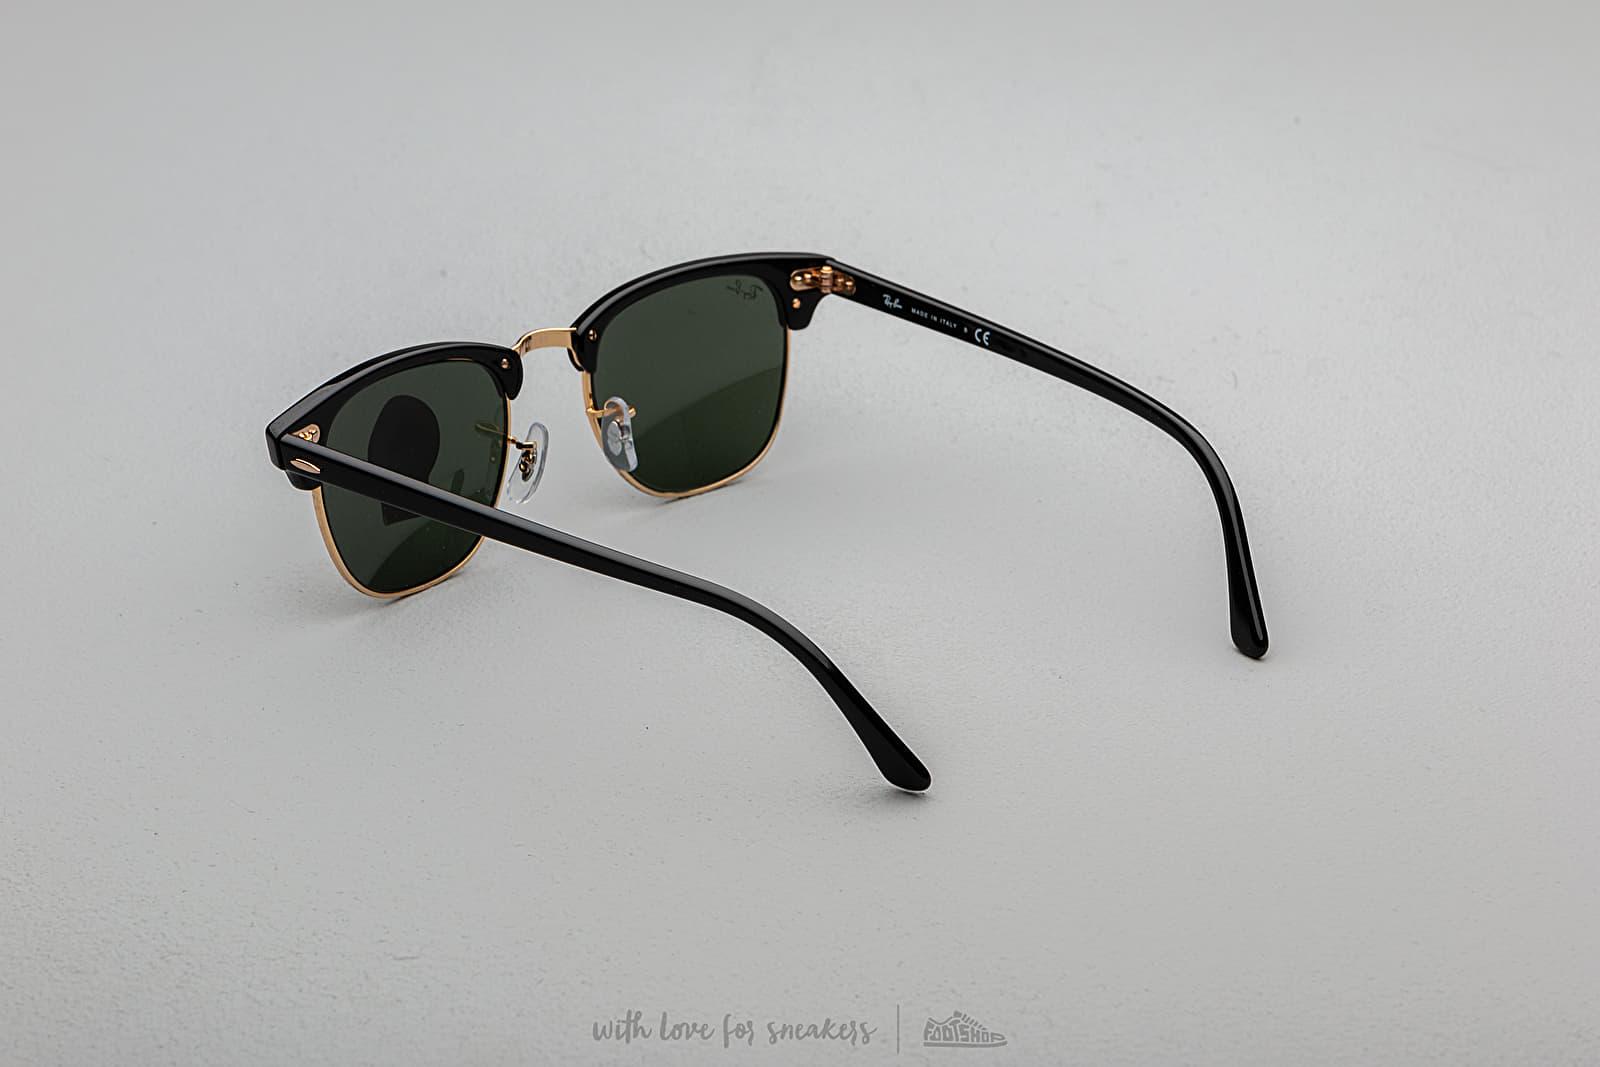 73e4d45b28 Ray Ban Clubmaster Sunglasses Black a muy buen precio 140 € comprar en  Footshop